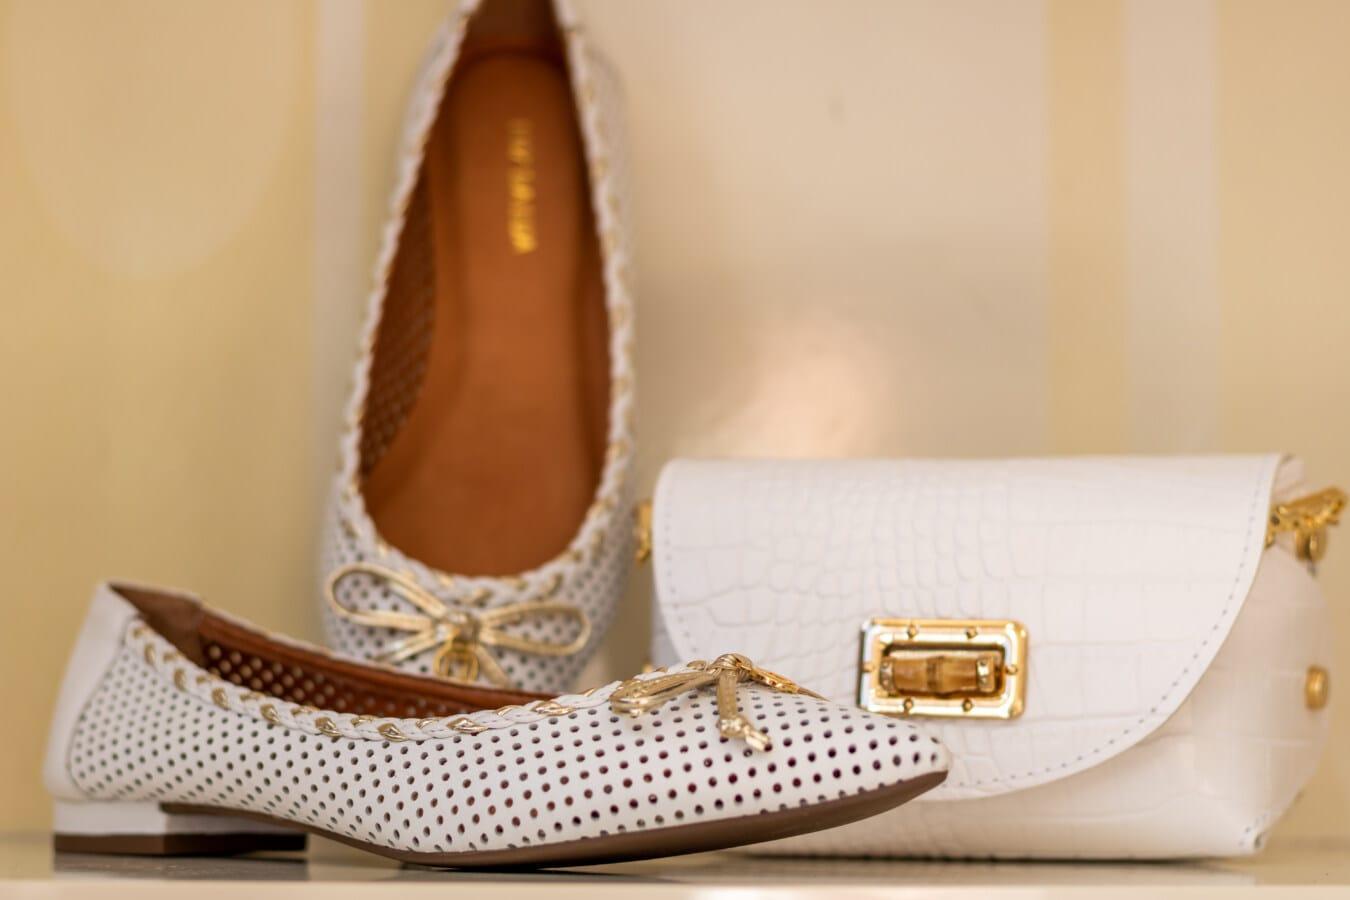 Schuhe, Sandale, gemütlich, weiß, Leder, Handtasche, Mode, Schuh, elegant